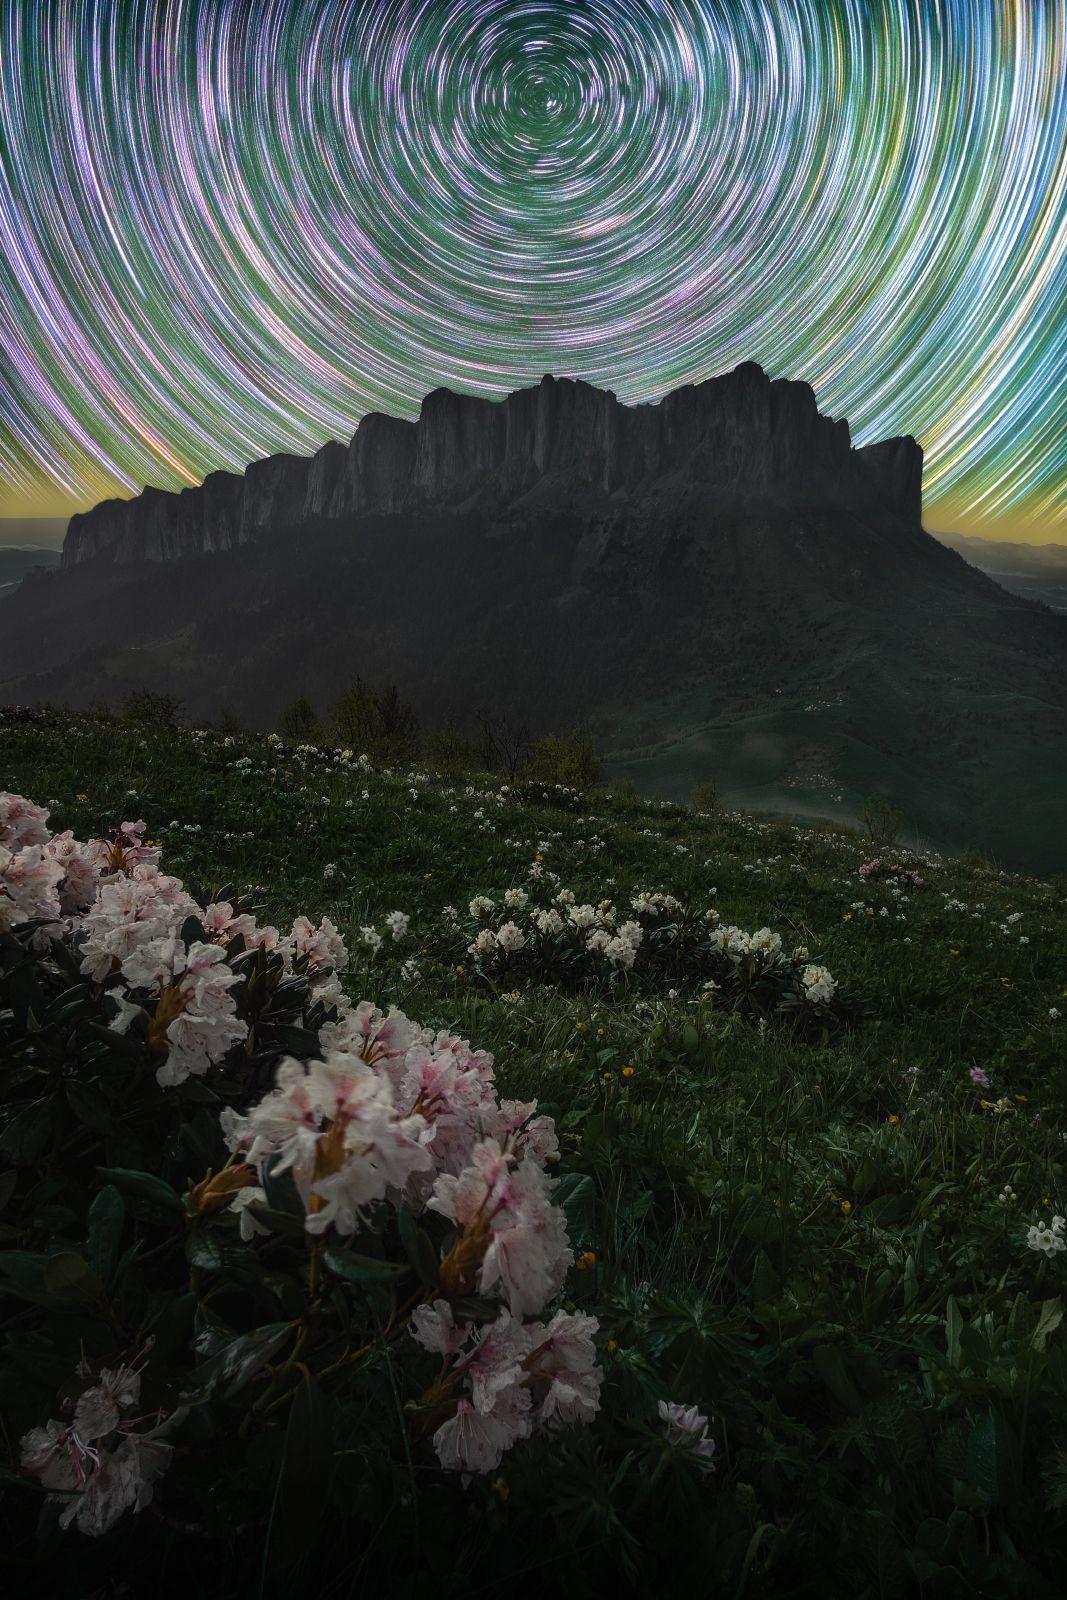 звезды, большой тхач, кавказ, адыгея, весна, рододендрон, астро, ночь, звездные треки, треки, startrail, startrails, Желтов Глеб